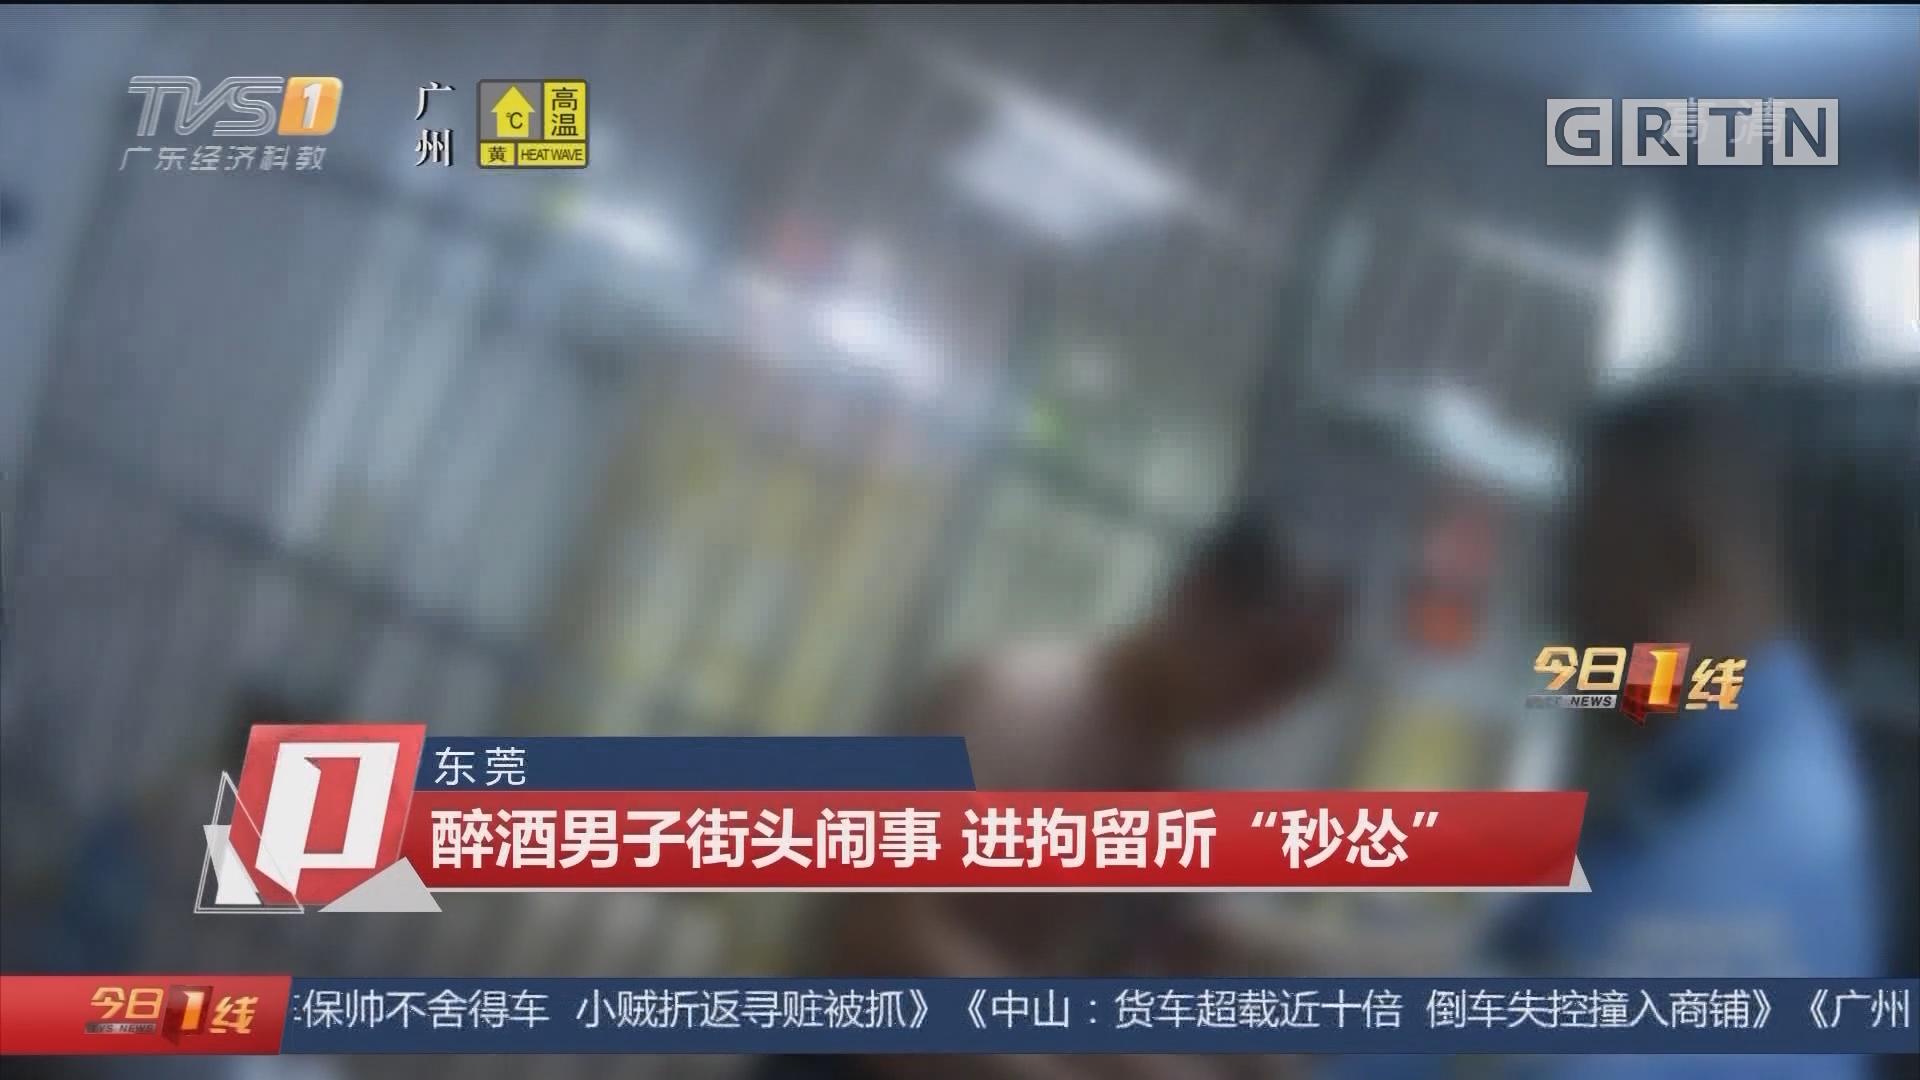 """東莞:醉酒男子街頭鬧事 進拘留所""""秒慫"""""""